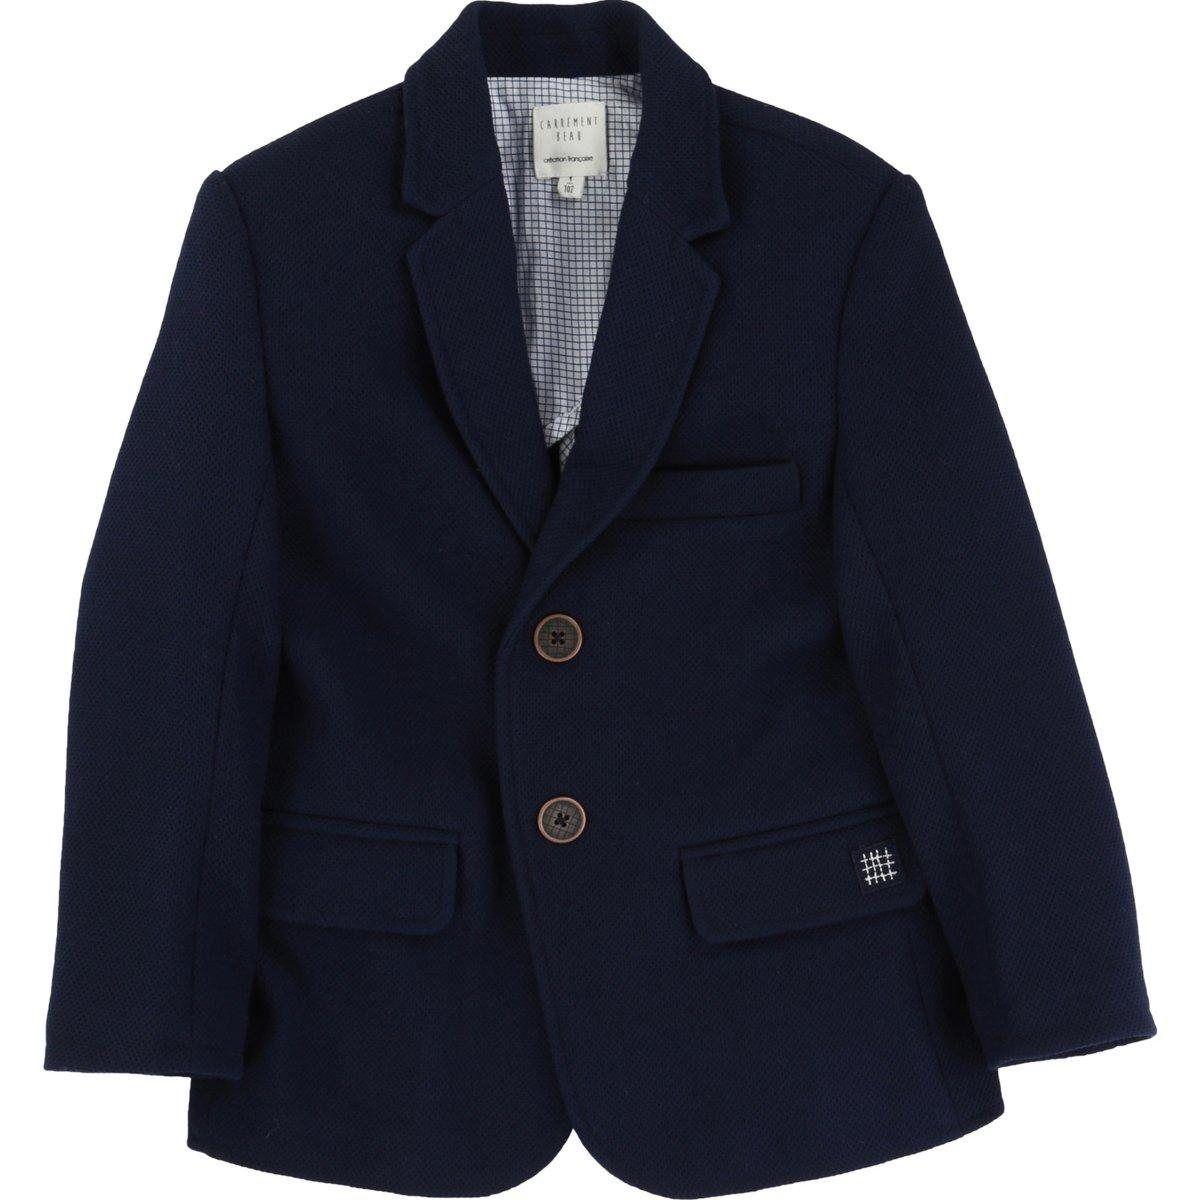 Veste de costume doublée carreaux